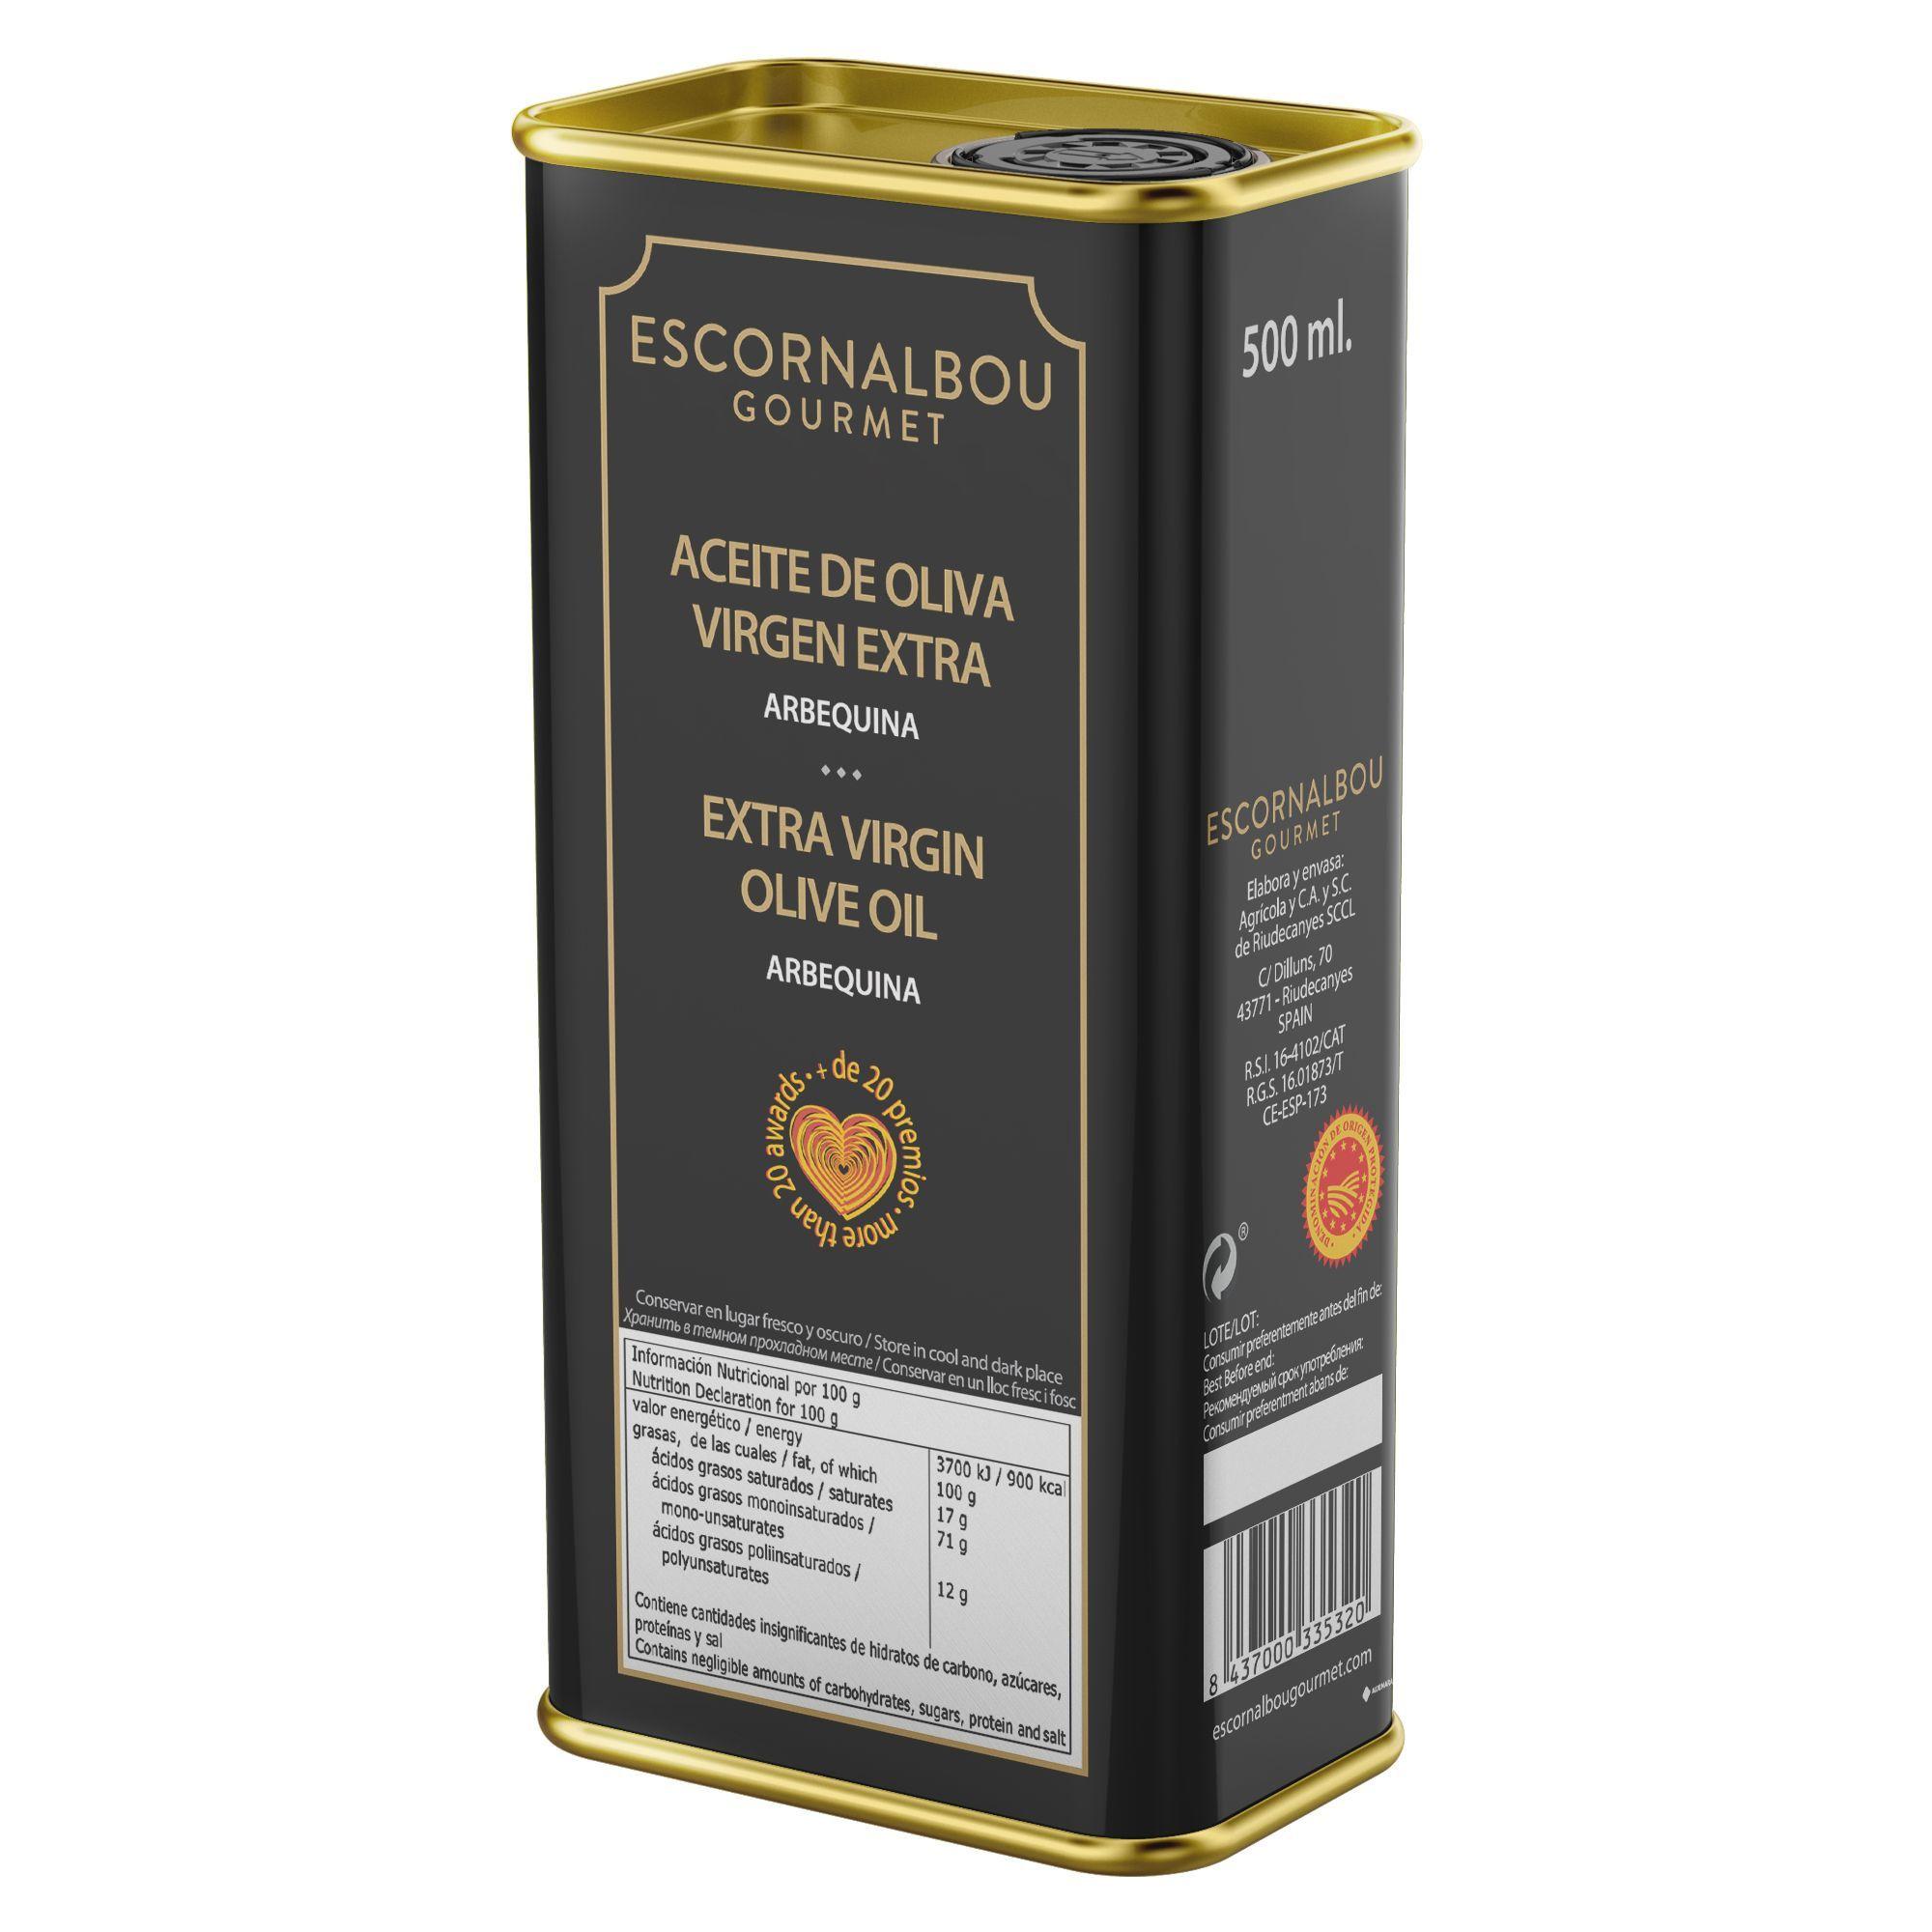 500 ml Aceite De Oliva Virgen Extra 100% Arbequina – Lata INOX de acabado premium. Producto cardiosaludable. Más de 20 premios.